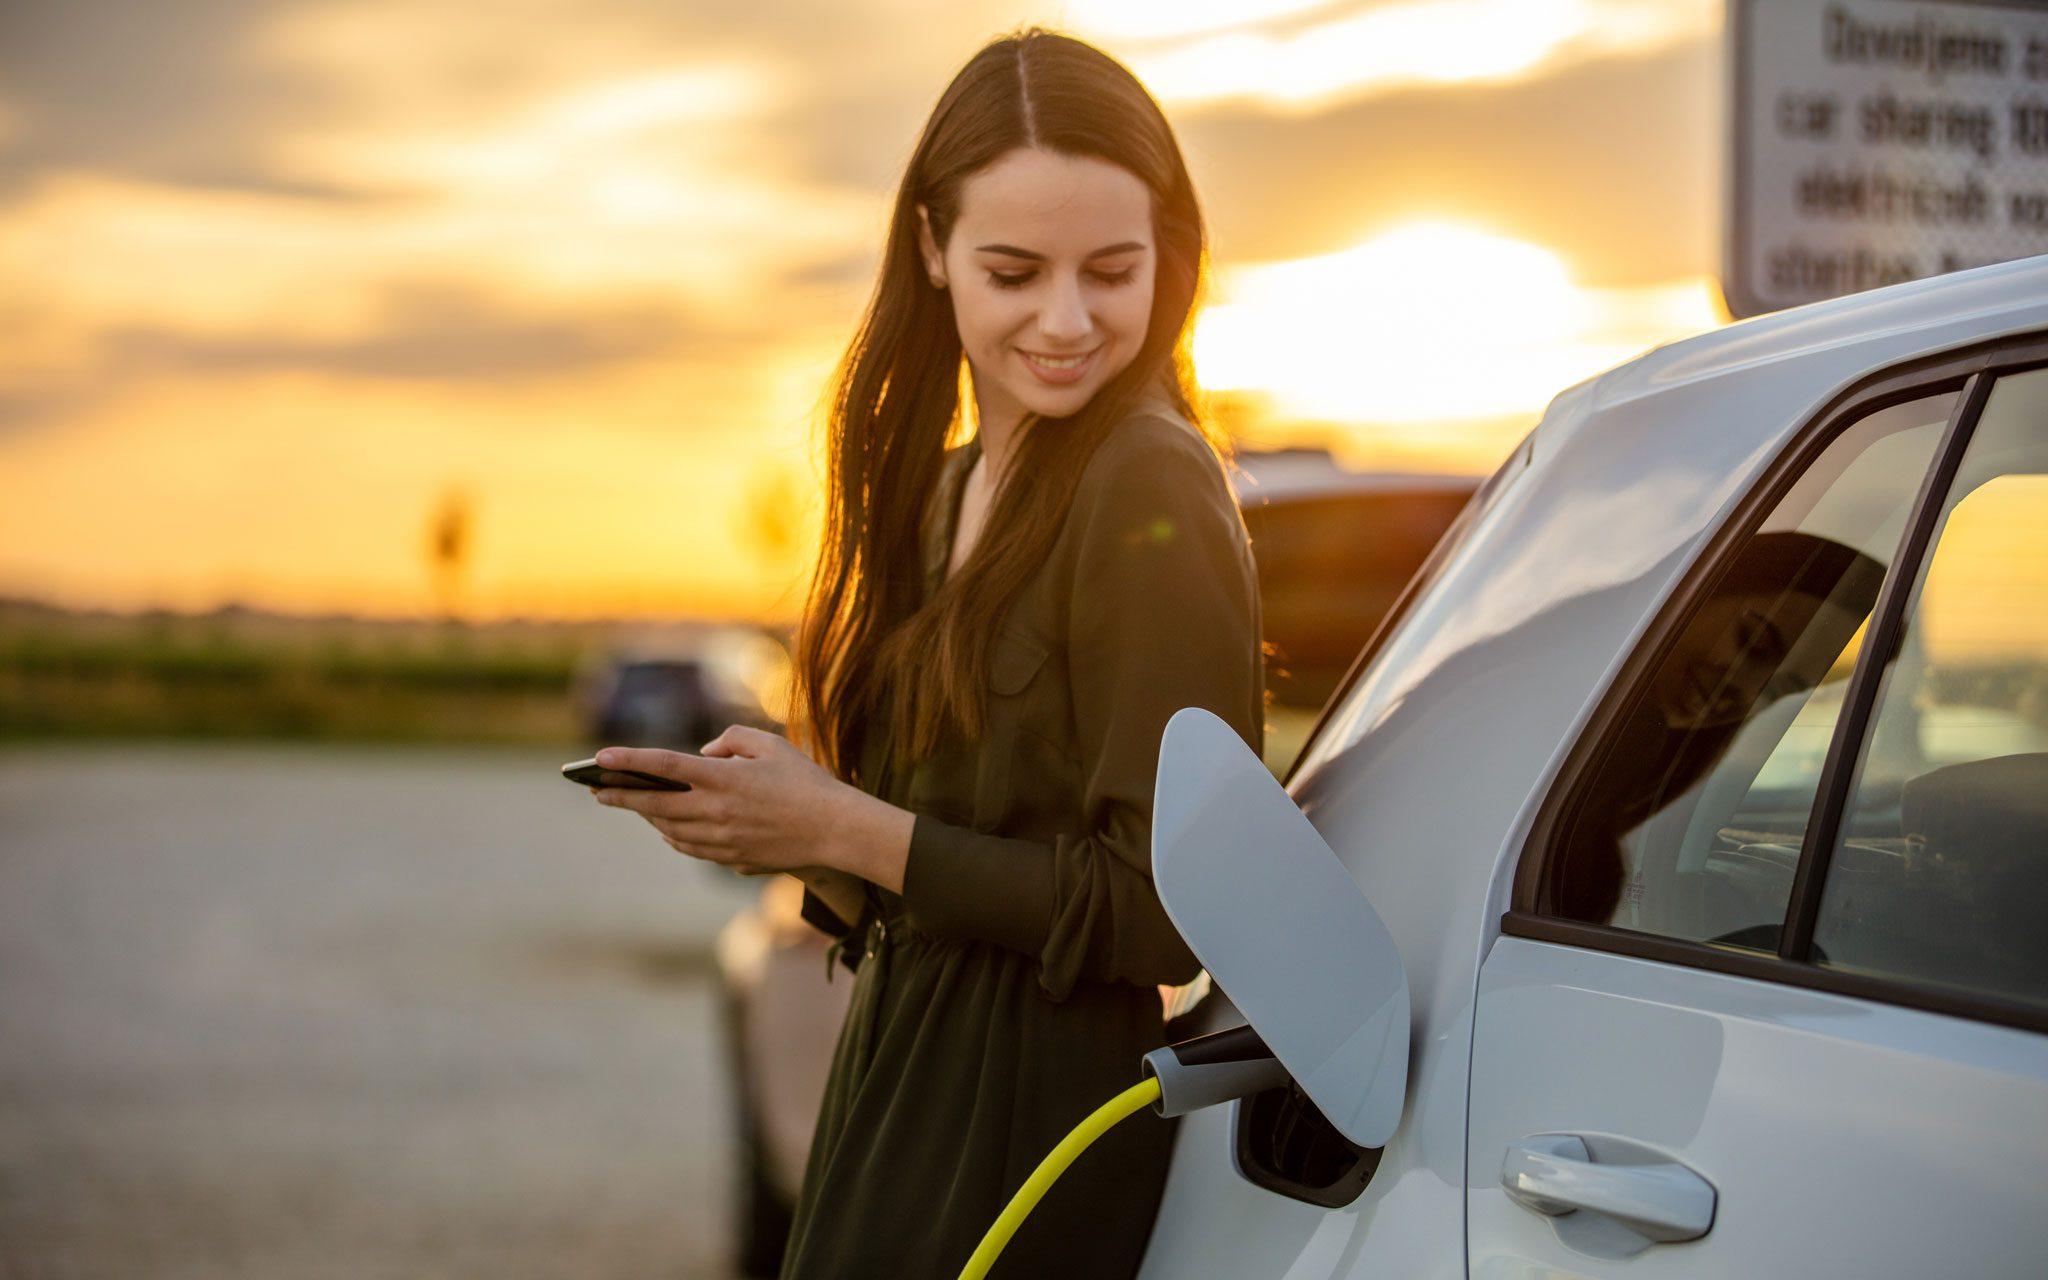 Elektromobilität Ladestation, Frau wartet auf Ladezustand